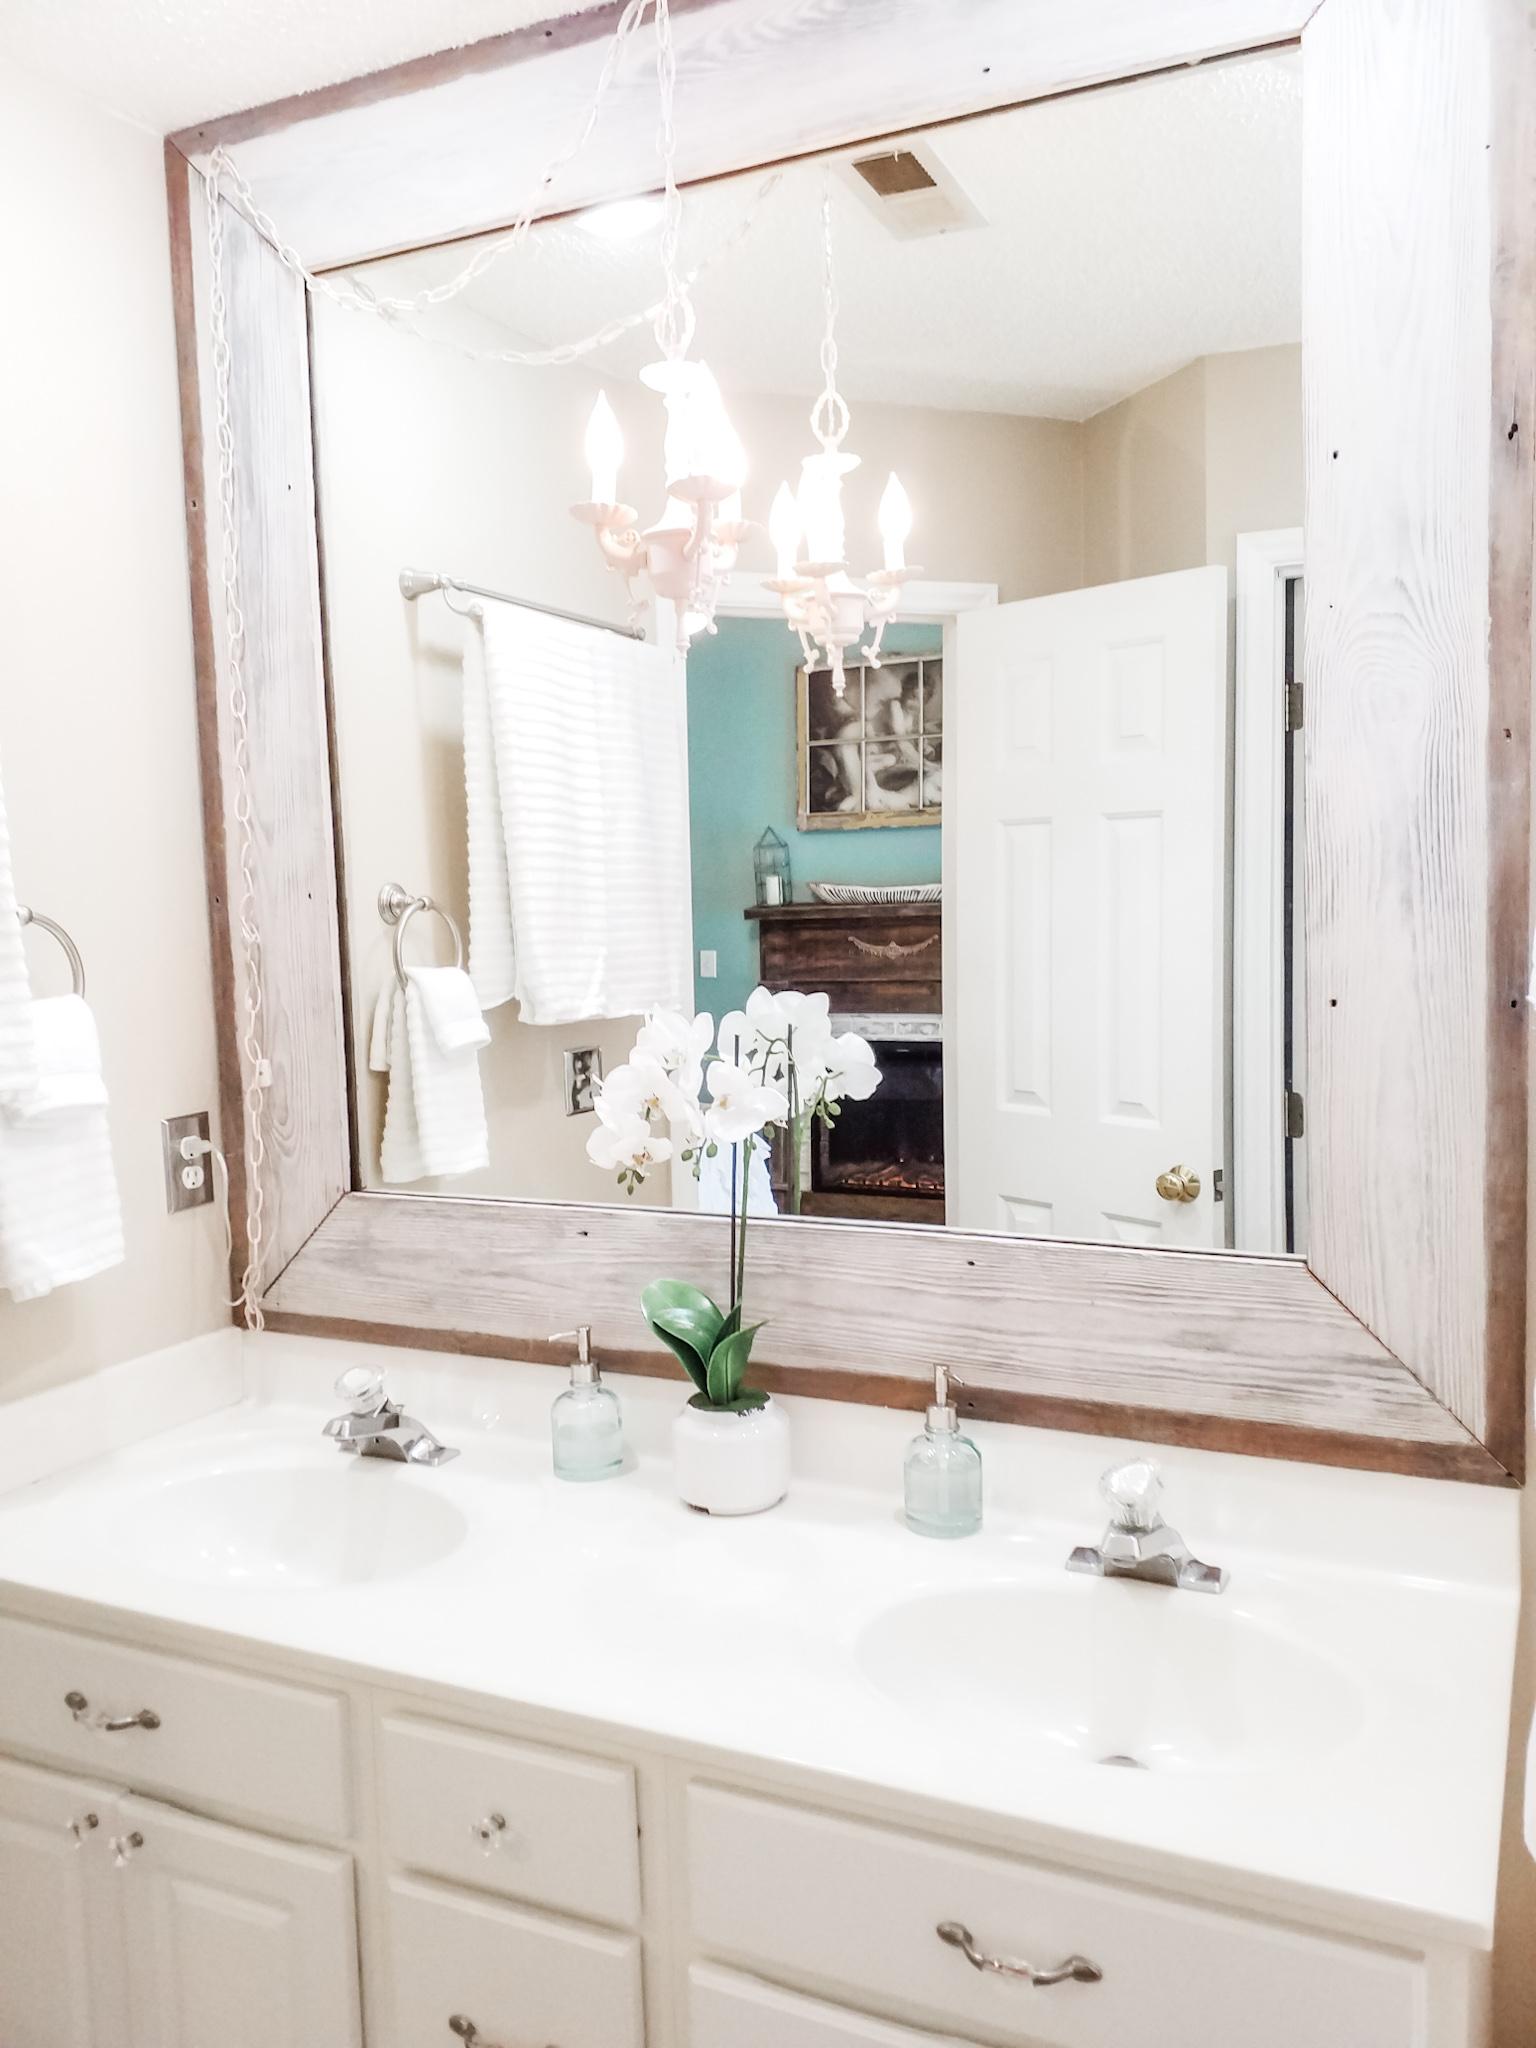 master bedroom bathroom sink.jpg